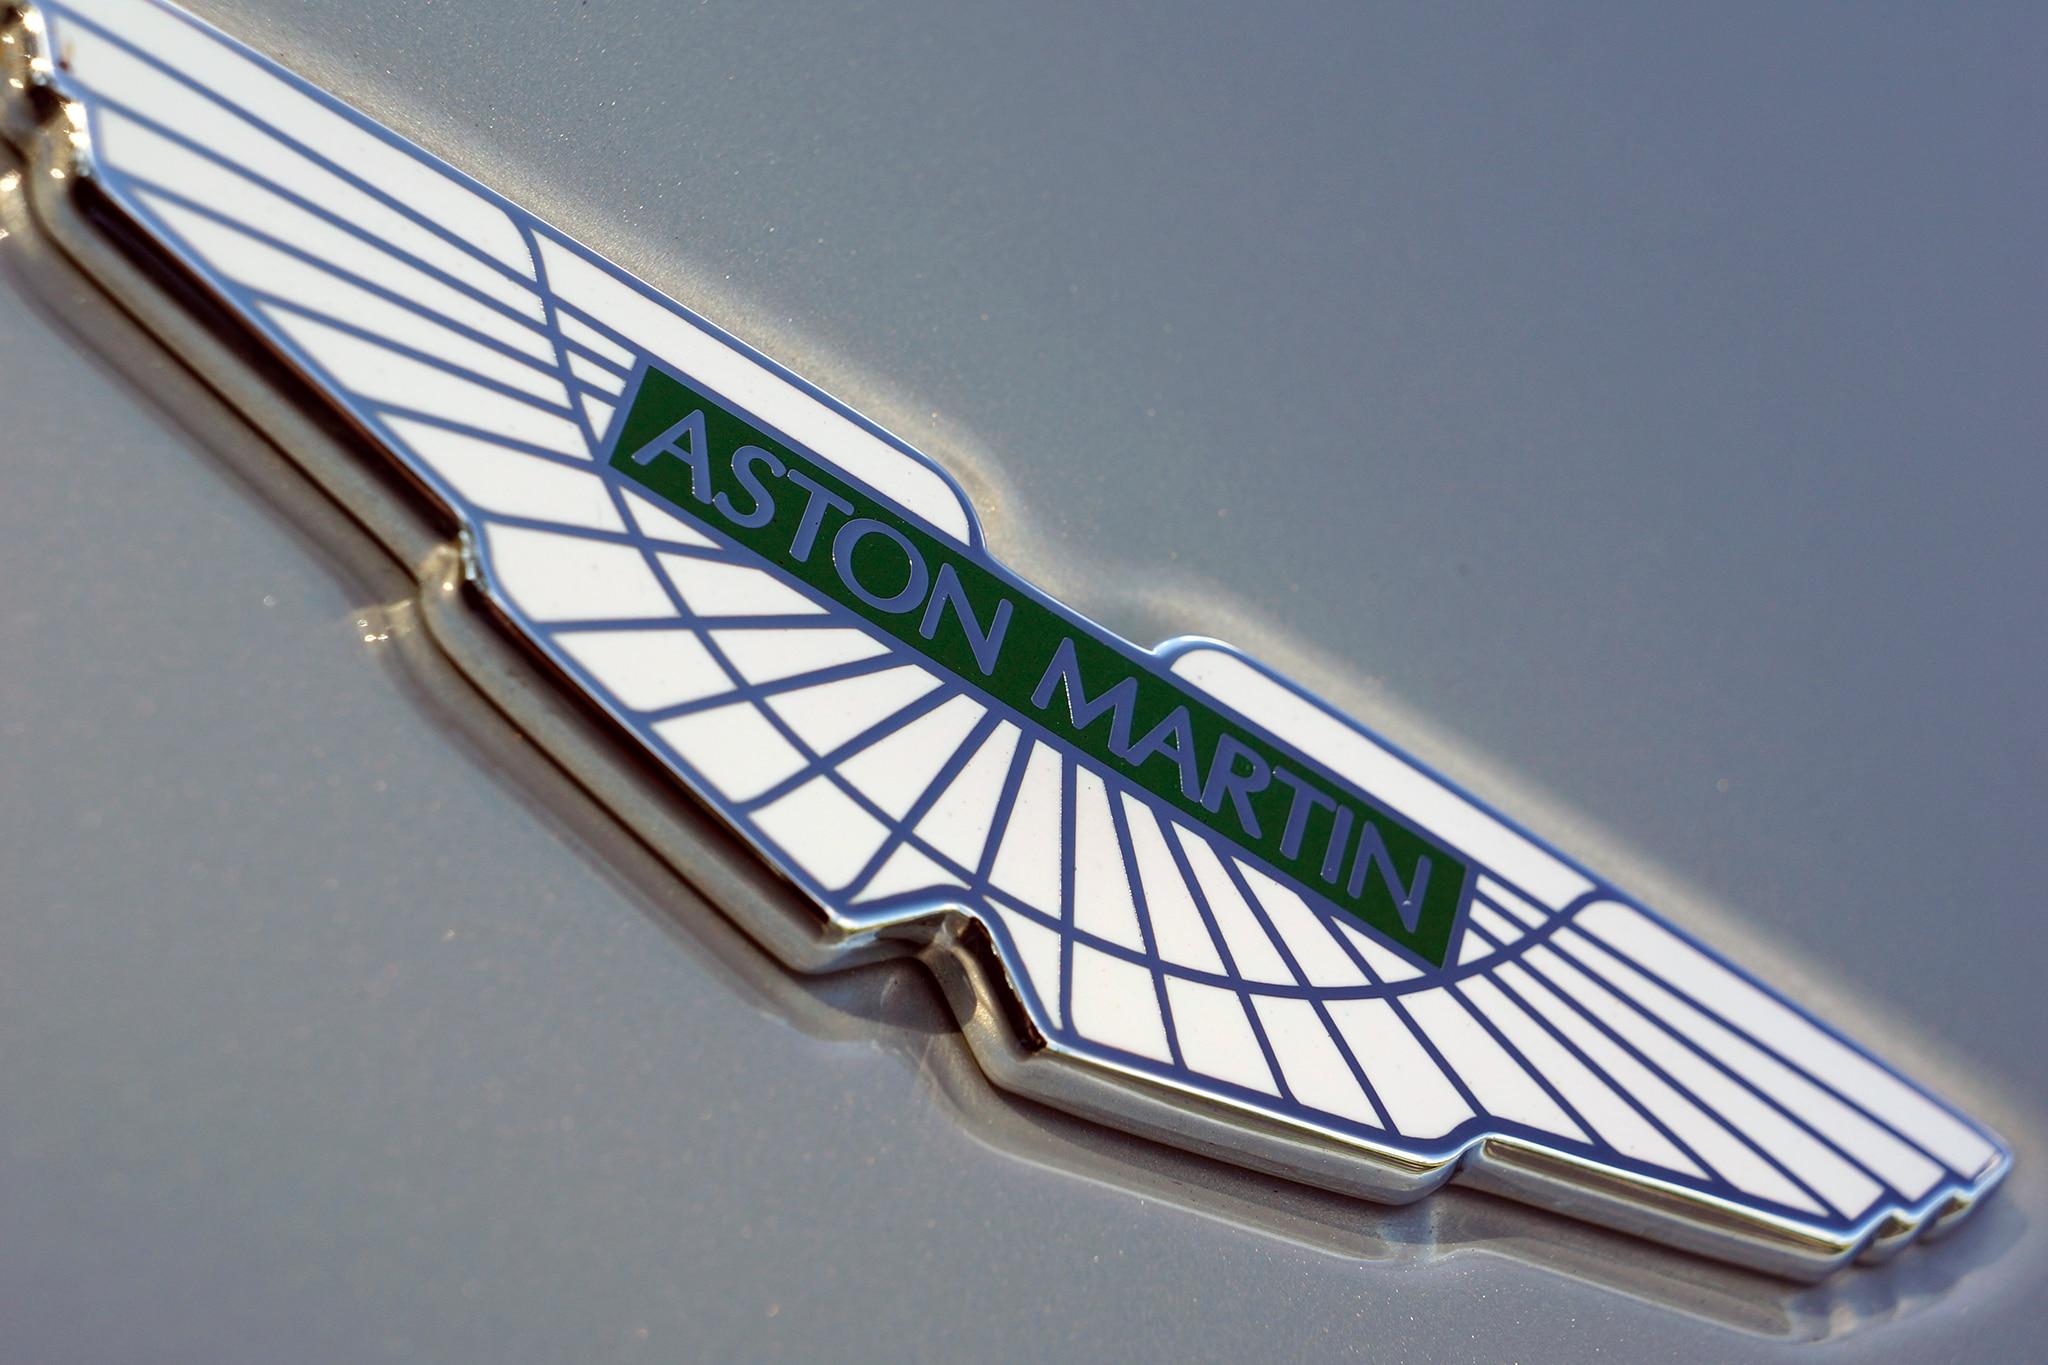 2014 Aston Martin DB9 Convertible Exterior View 31